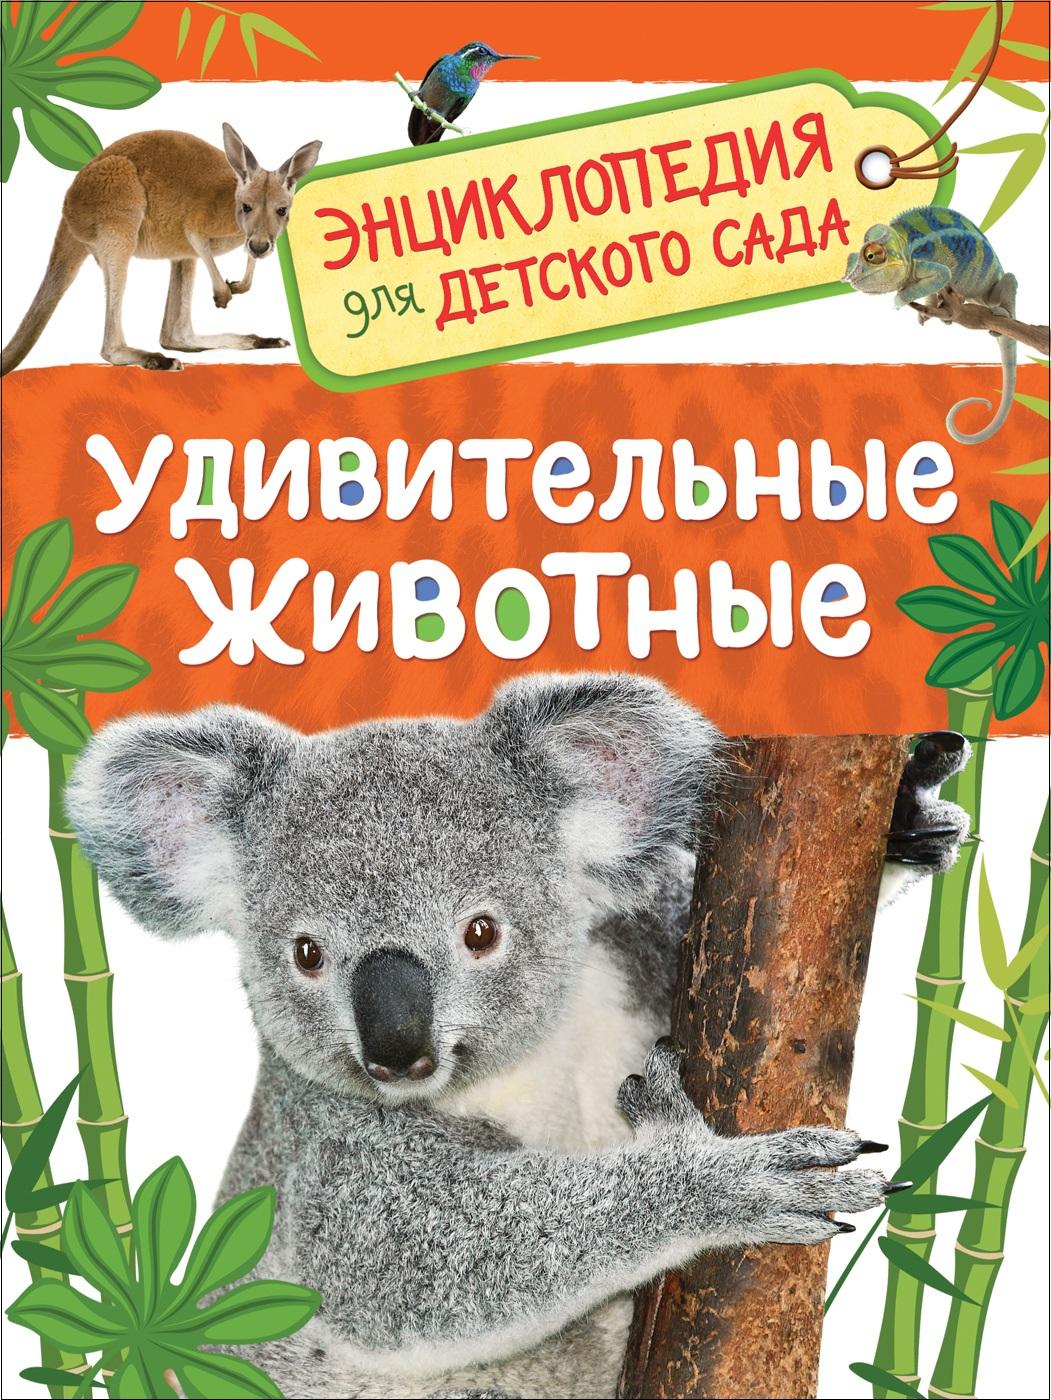 Травина И. В. Удивительные животные (Энц-дия для детского сада) александрова о дроздова е моя первая энц с накл птицы и насекомые